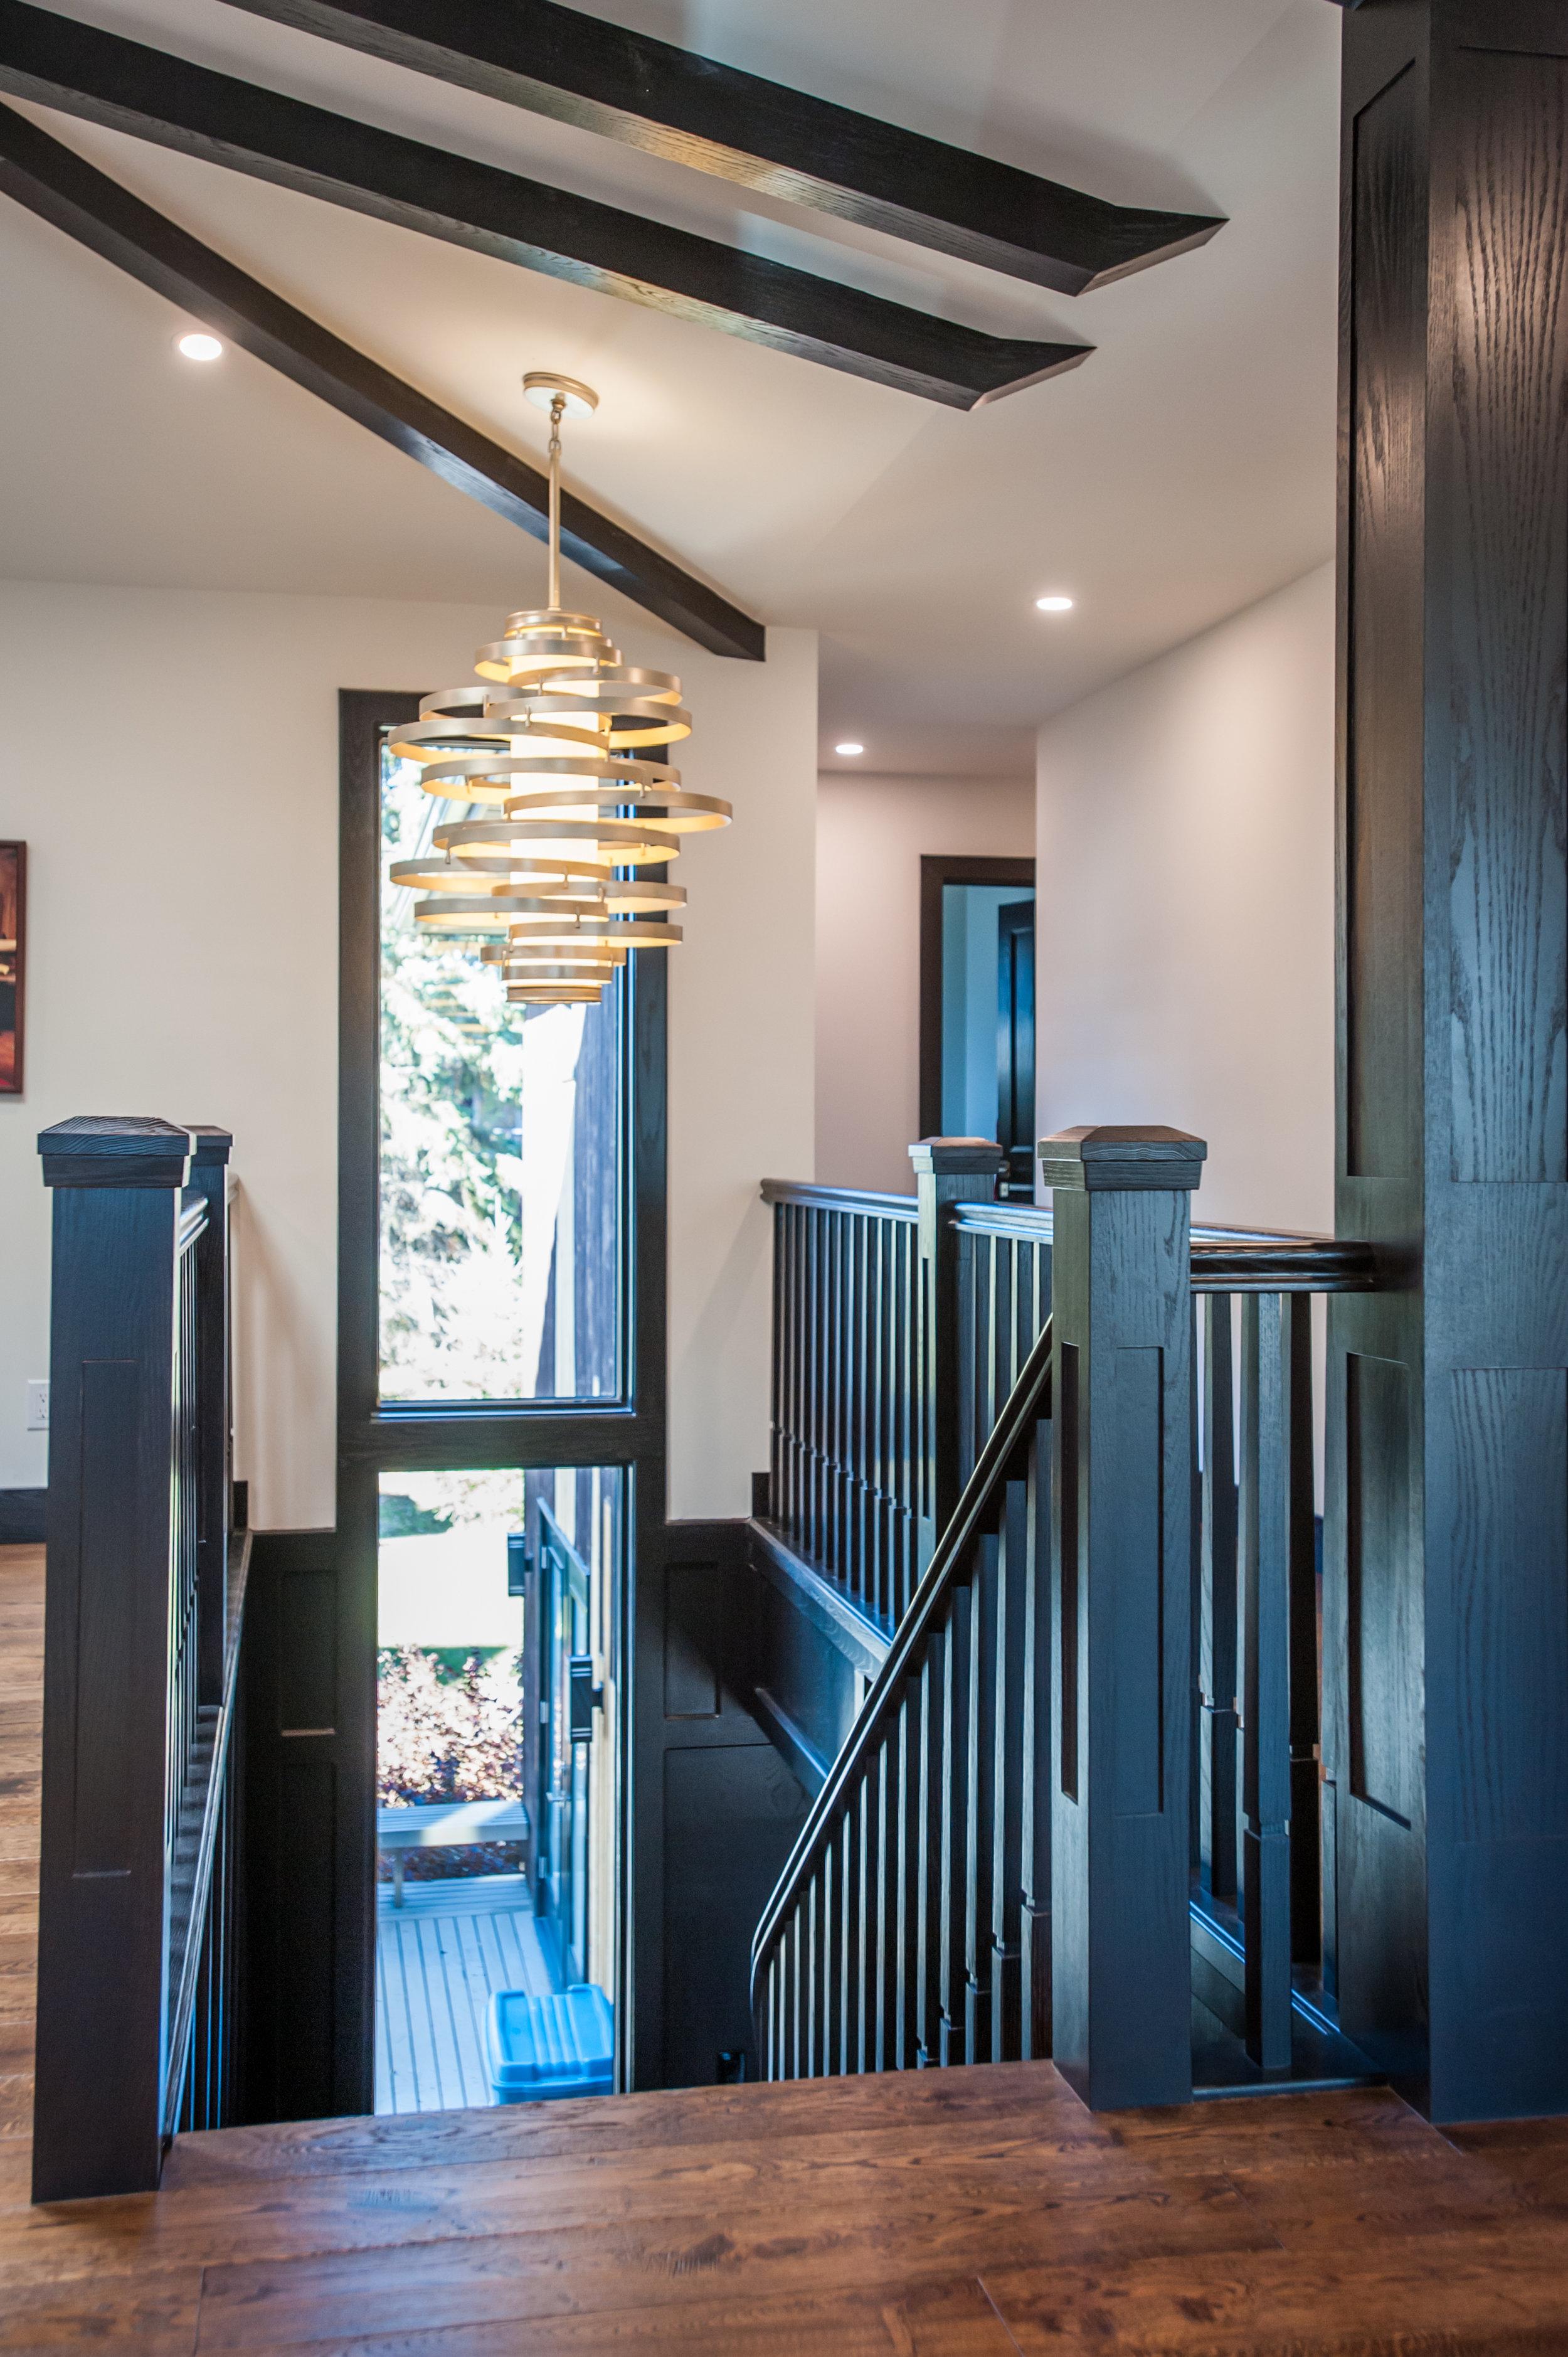 stairway_beams_railing_ceiling